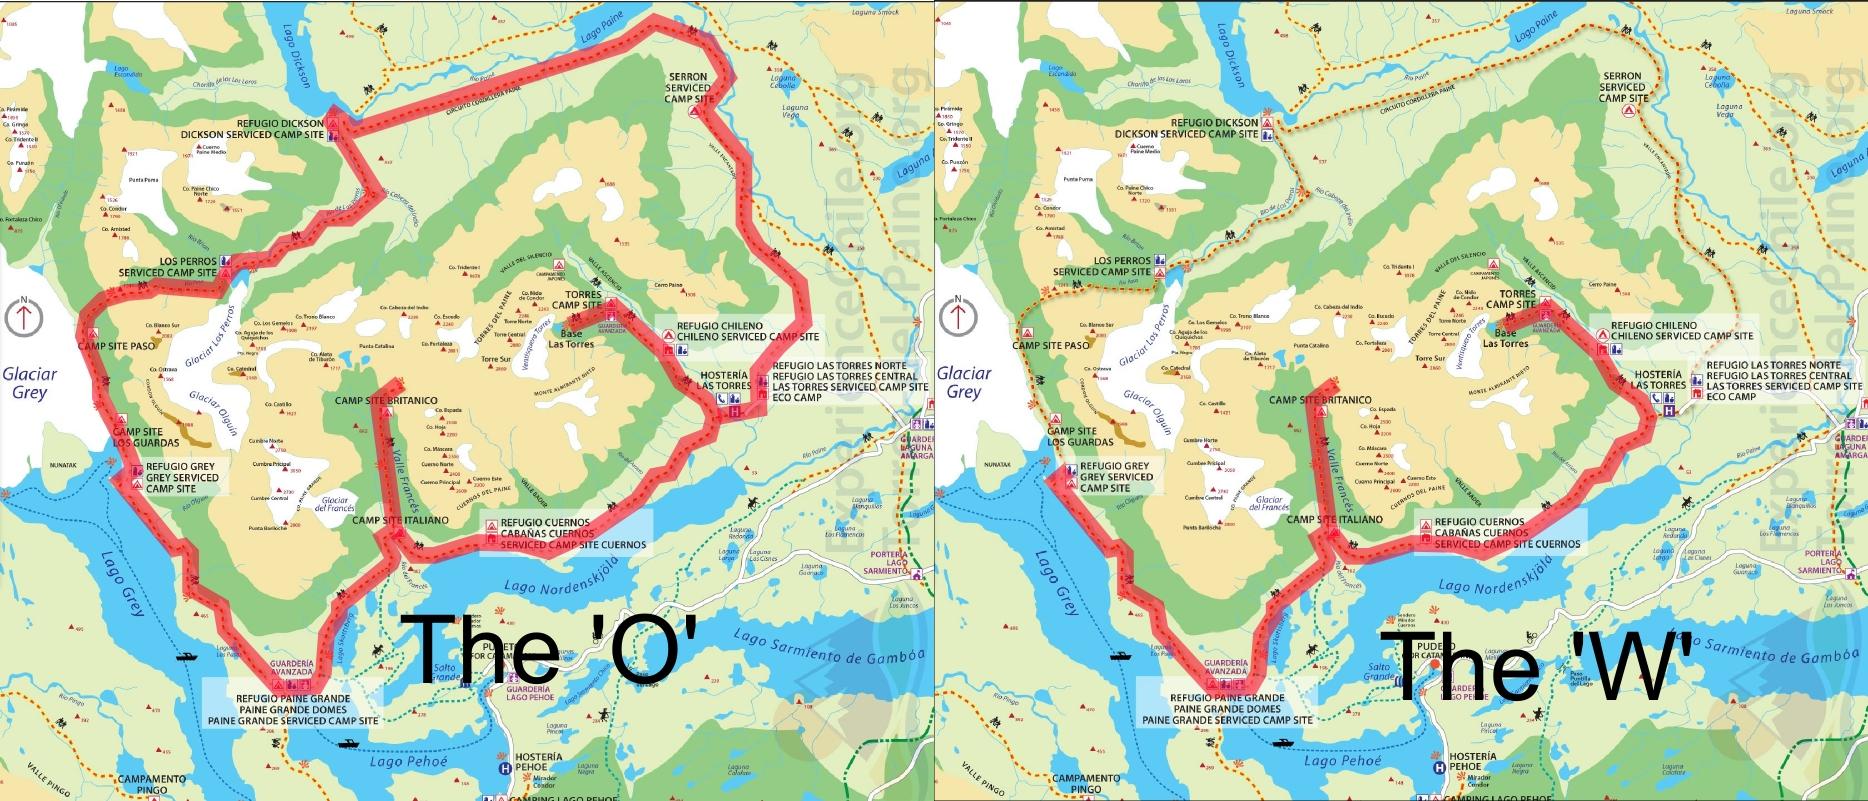 Circuito W Torres Del Paine Mapa : O inesquecível parque torres del paine terra adentro